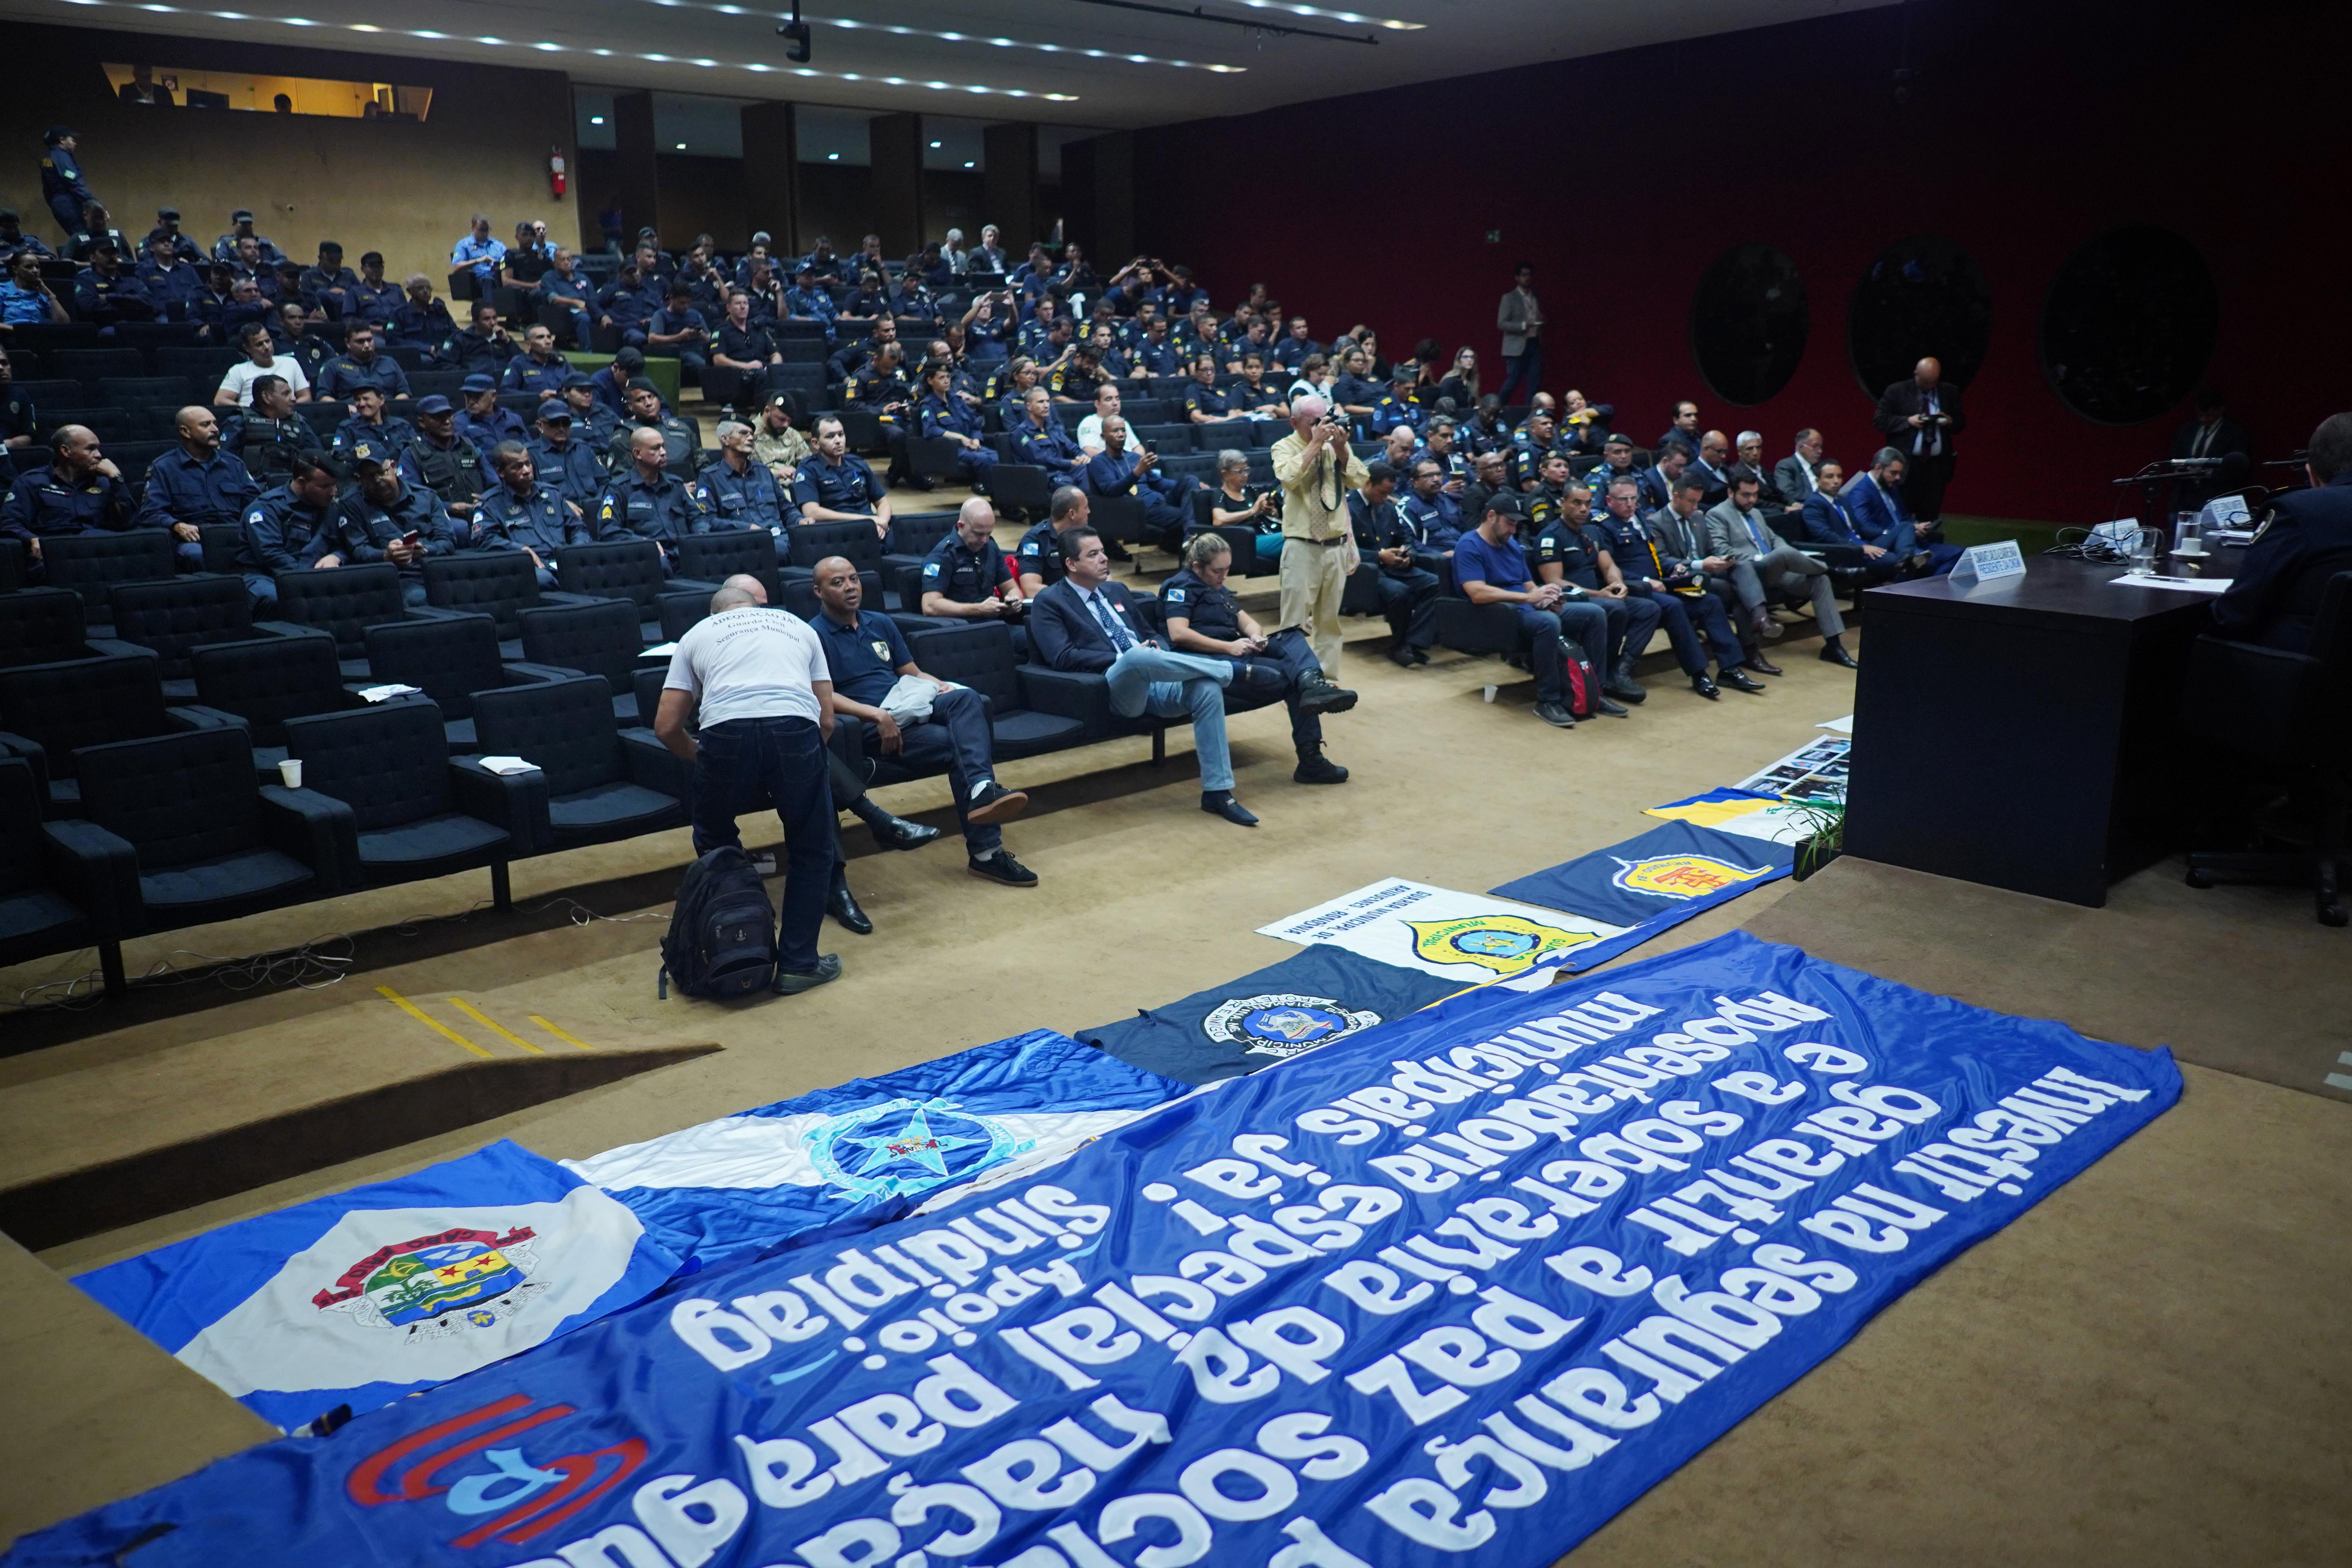 XI Seminário Nacional de Guardas Municipais e Segurança Pública